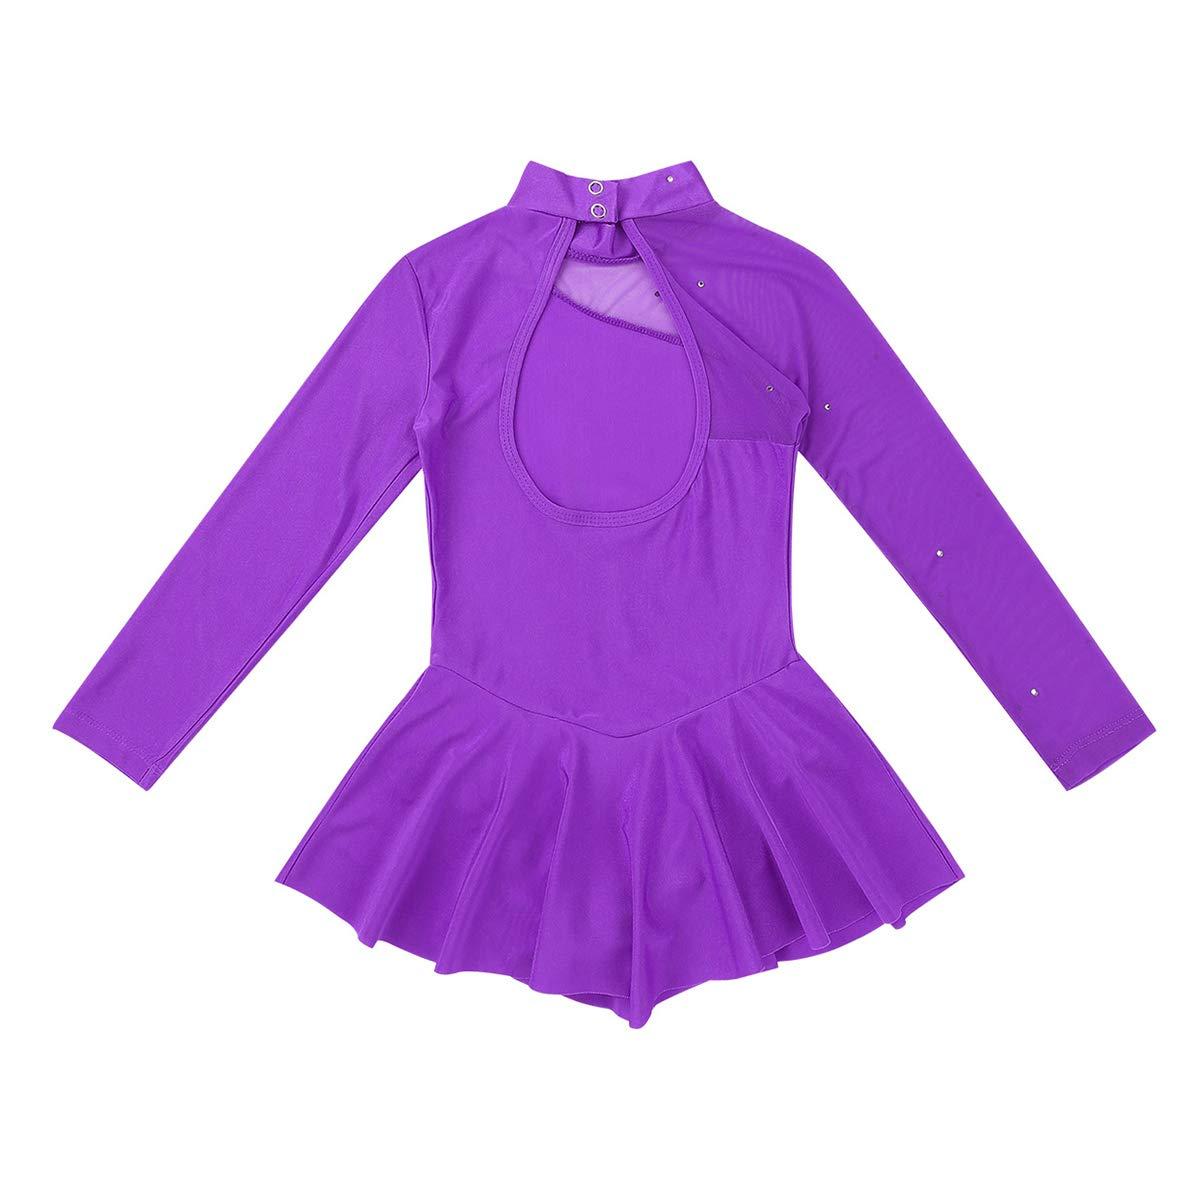 iixpin Body Pattinaggio Artistico Bambina per Gara Strass Glitter Schiena Scoperta Abito da Ballo Latino Ragazza Leotard Manica Lunga Vestito Tutu Balletto Dancewear